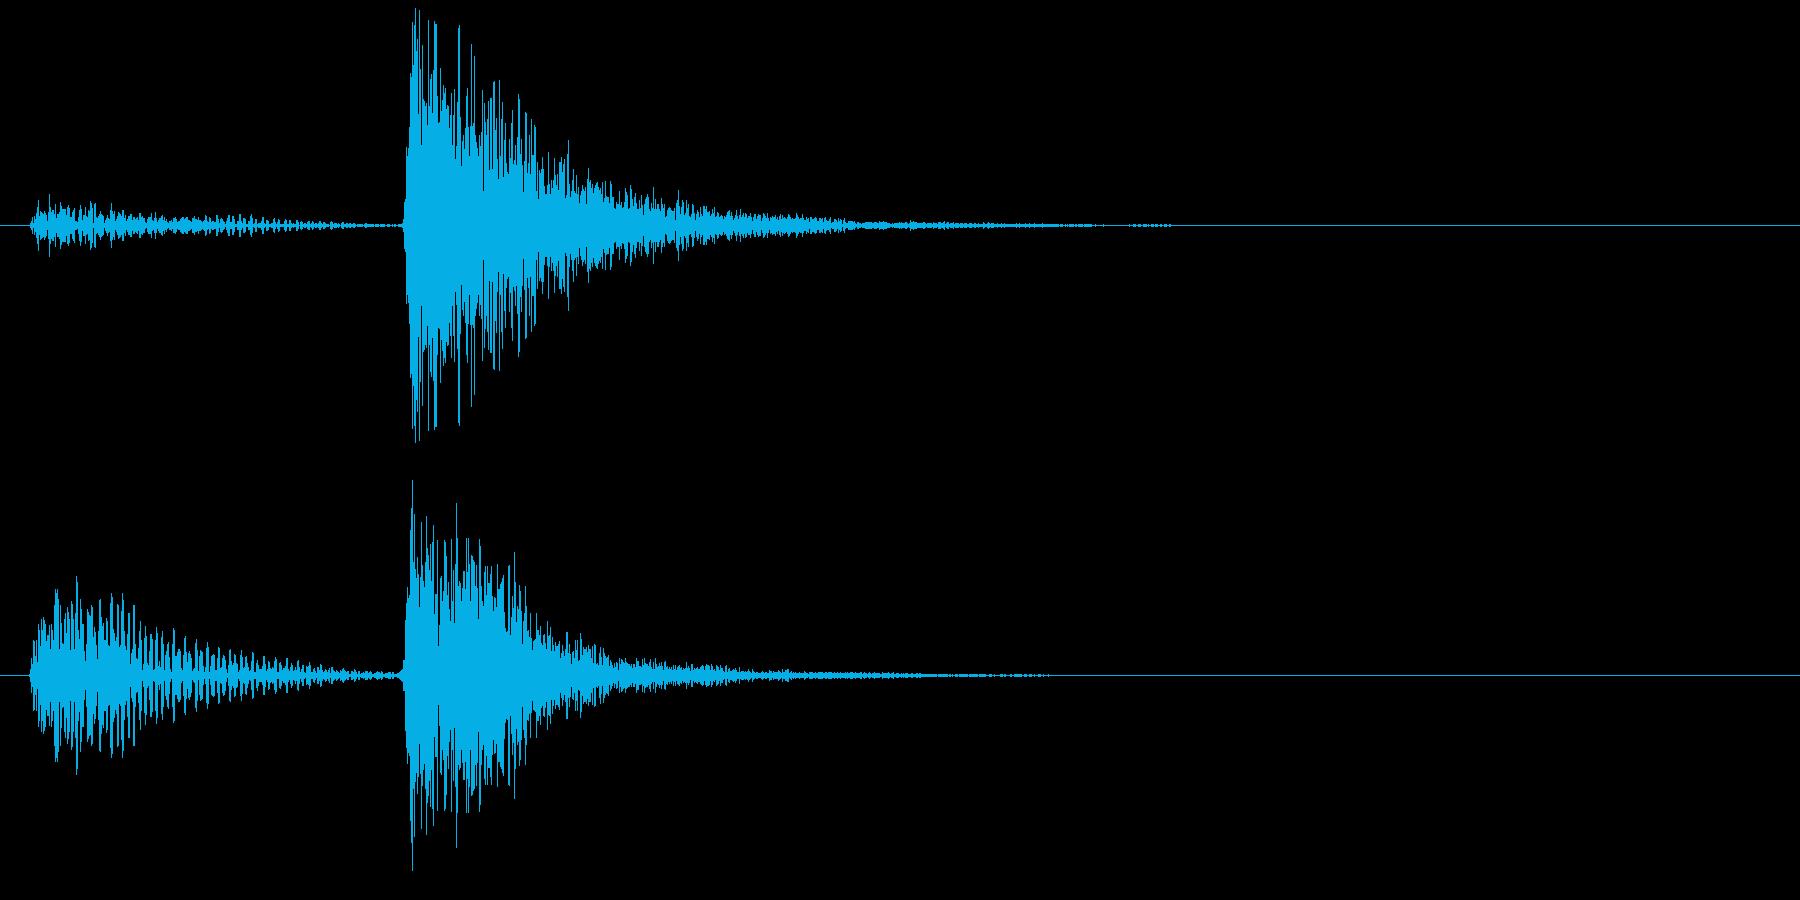 ストリングスのピッチカートによる〆の和音の再生済みの波形